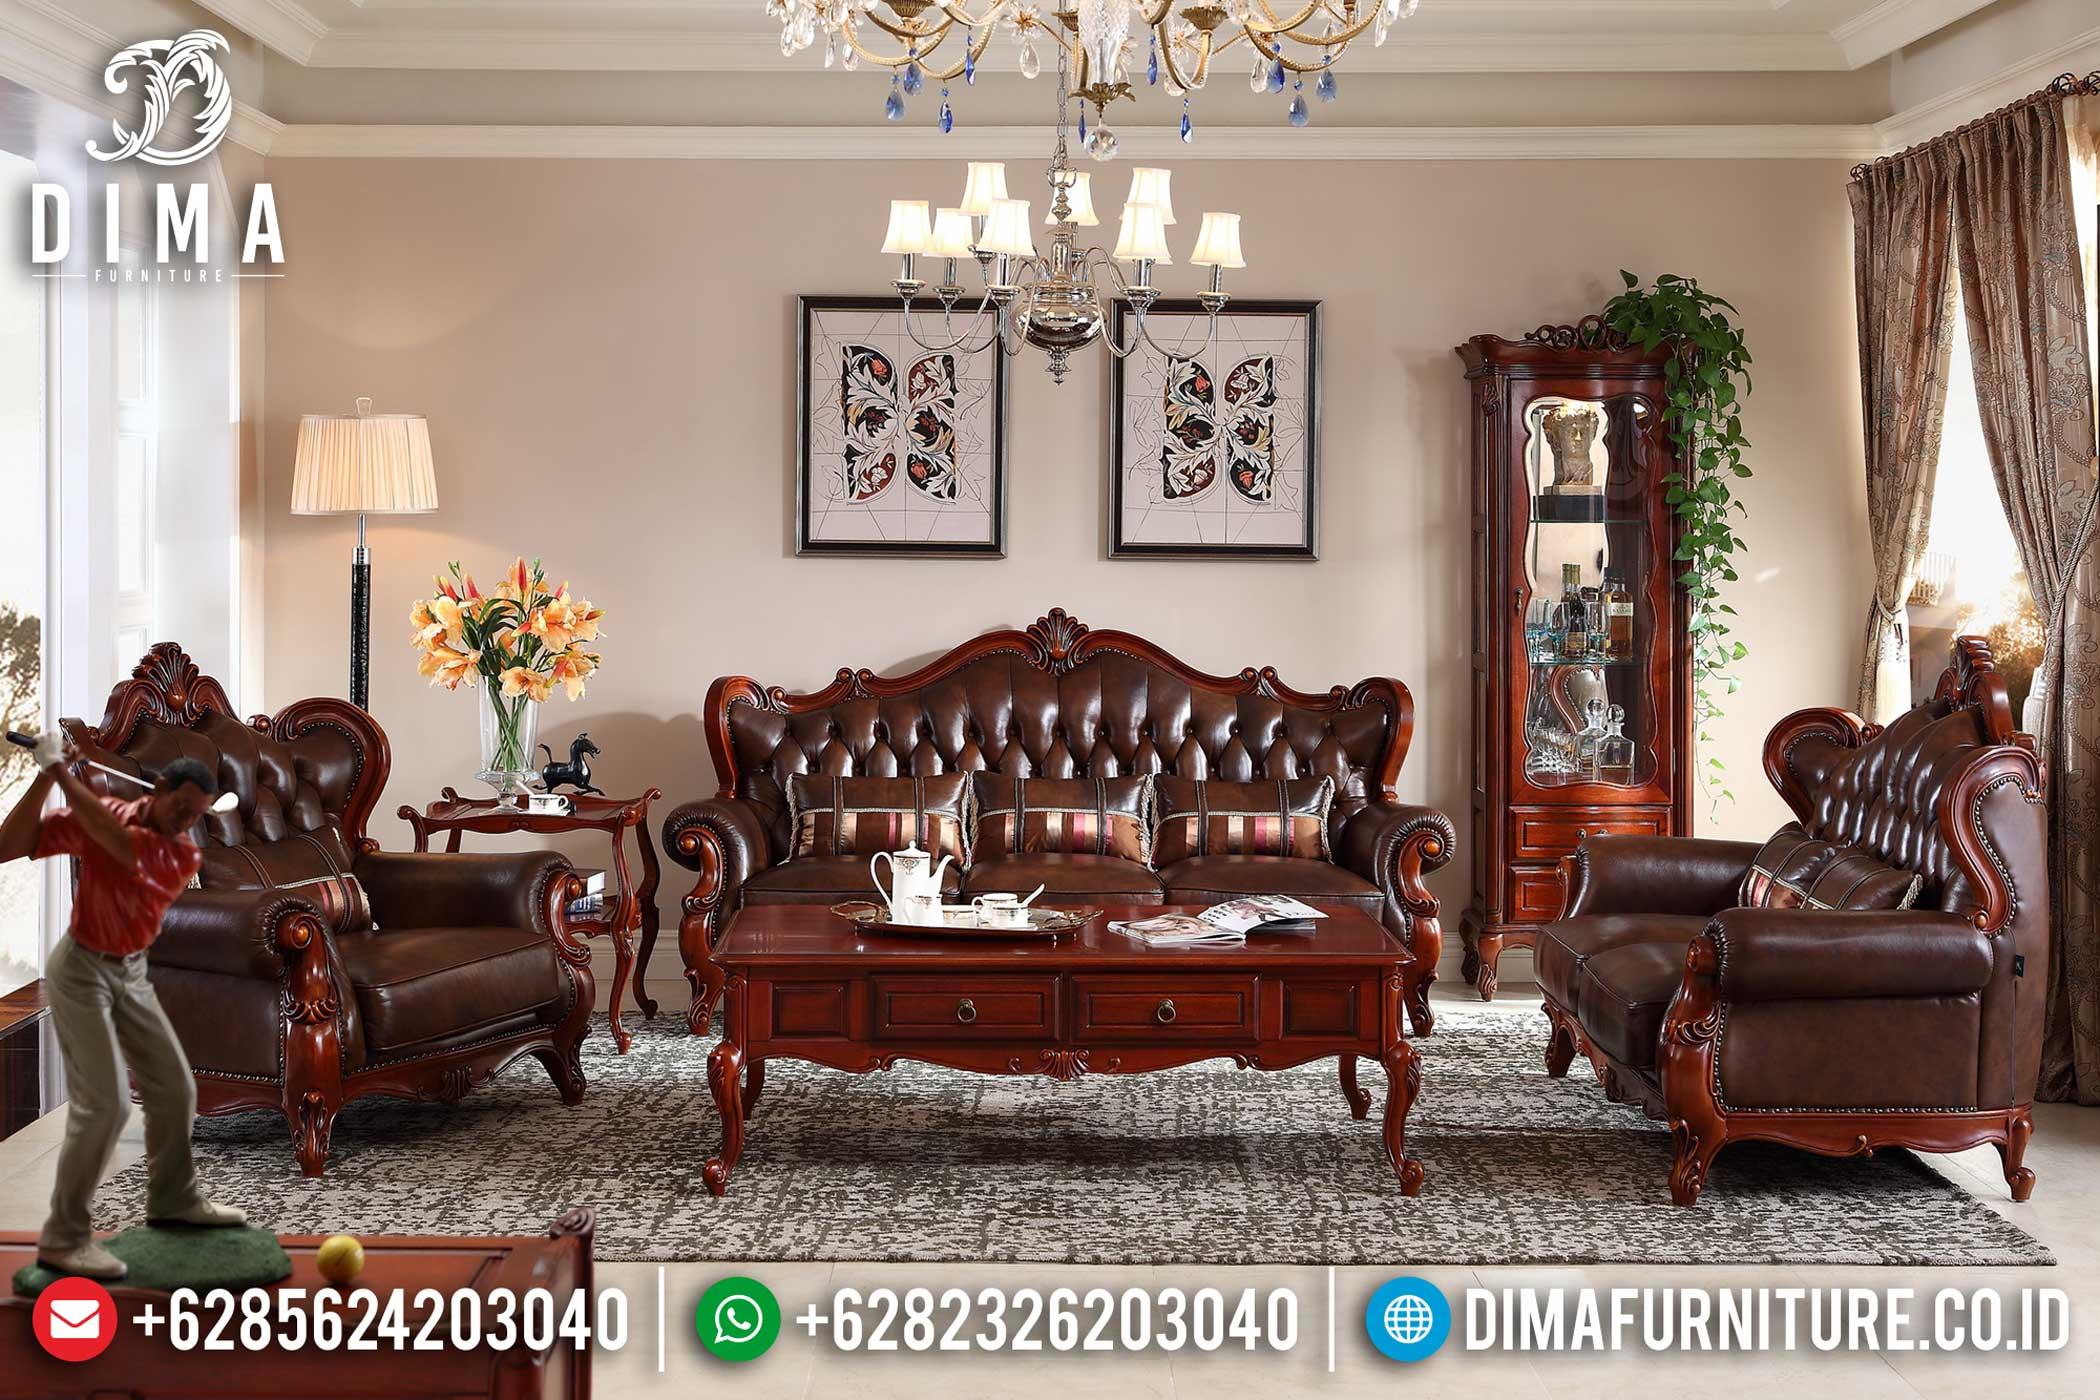 Sofa Tamu Jepara Mewah Minimalis Terbaru 04 Dima Furniture Jepara